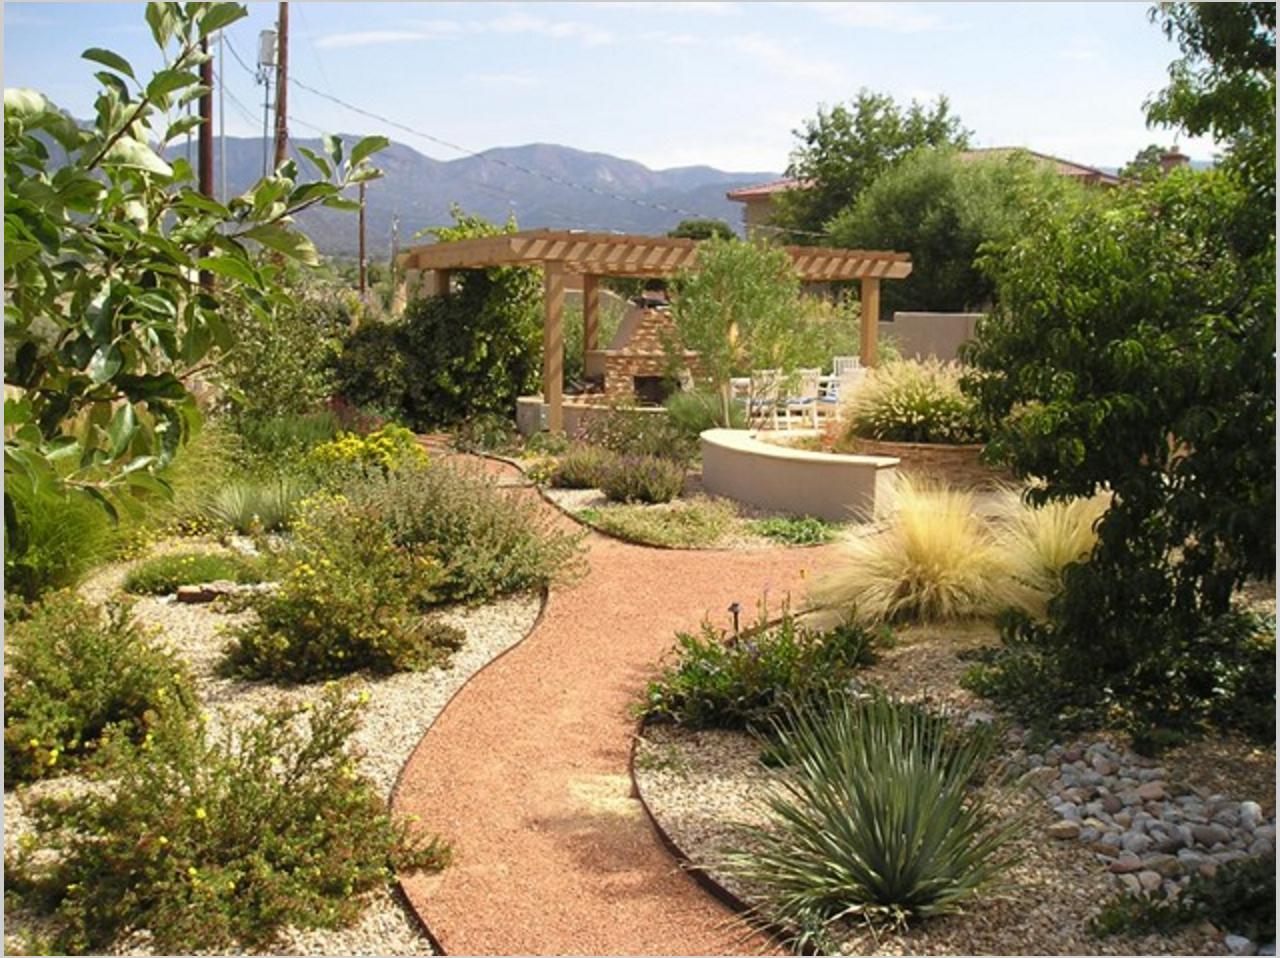 Épinglé Par Fleuri Alb Sur Jardim Rupestre | Idées Jardin ... destiné Exemple D Aménagement De Jardin